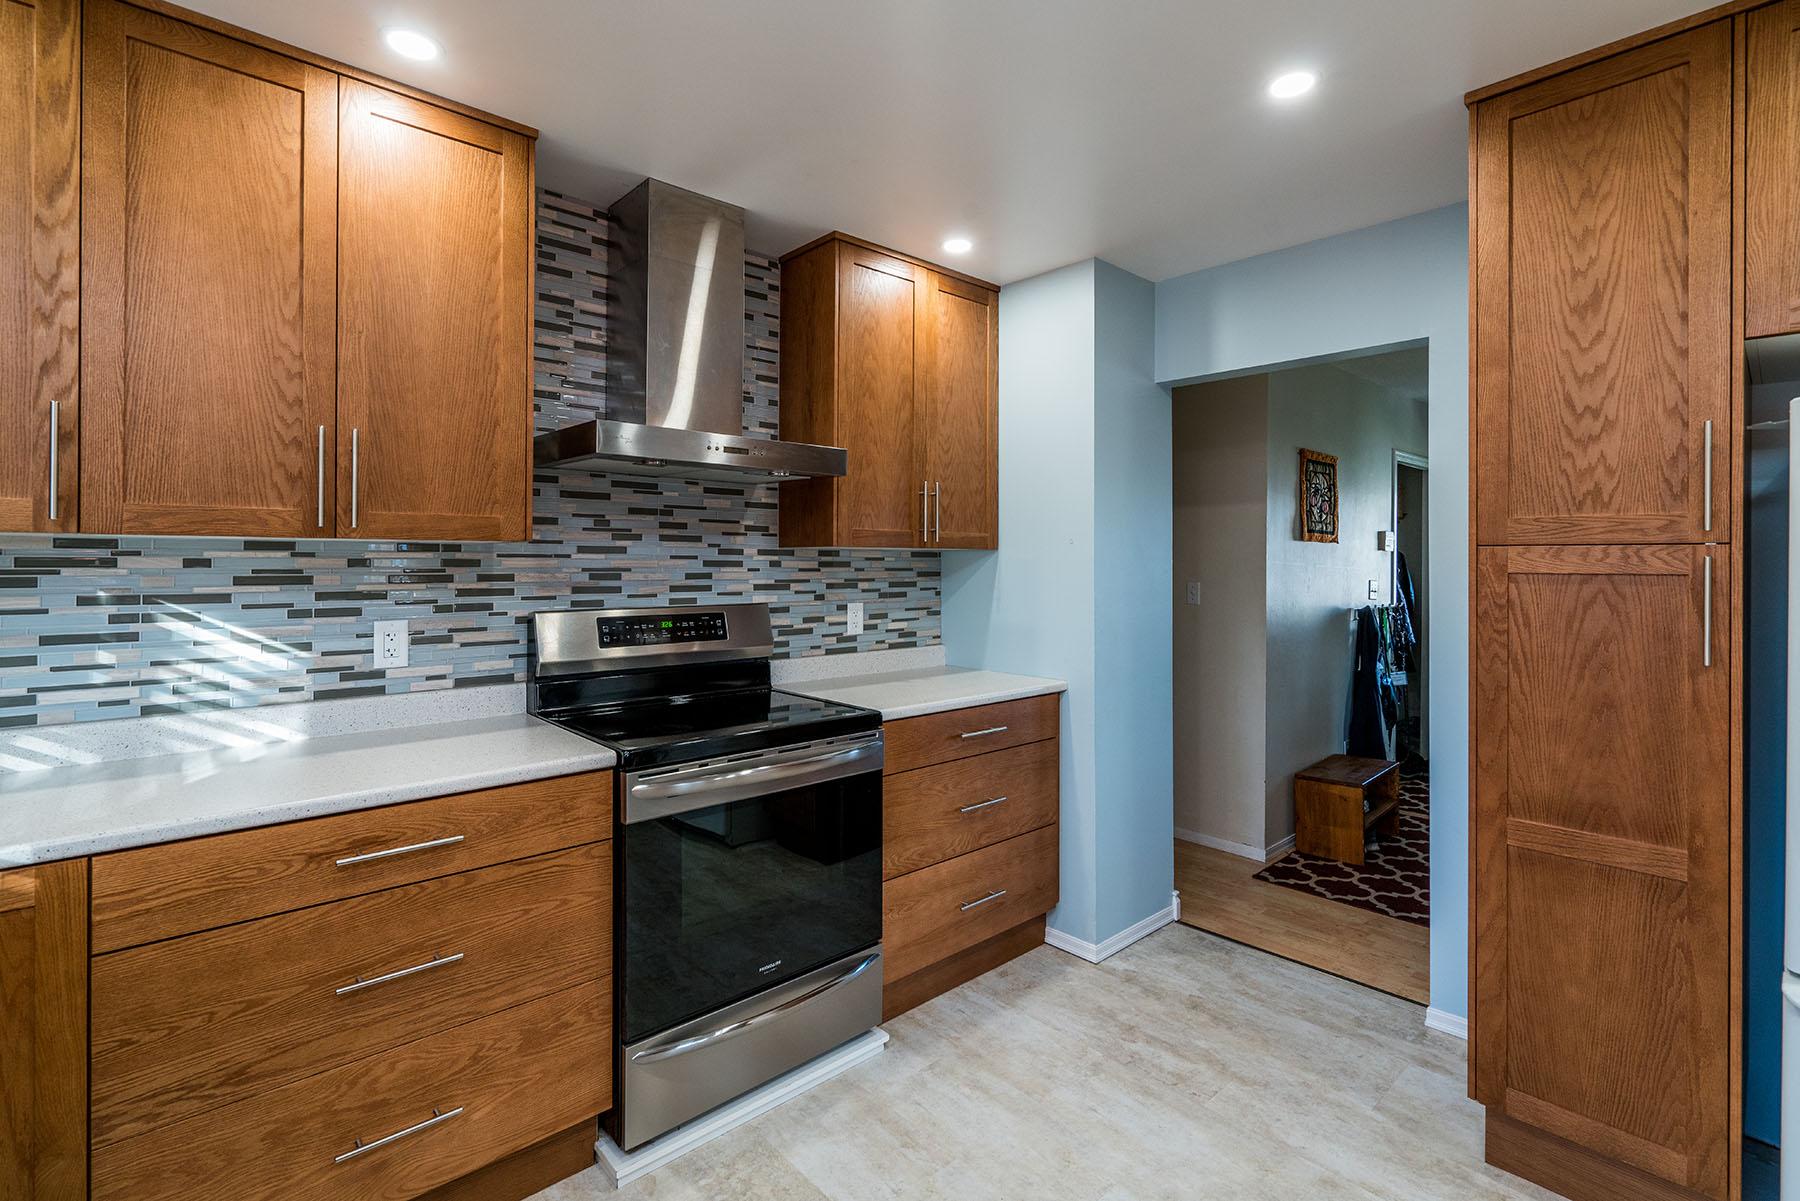 Kitchen - Regis 004